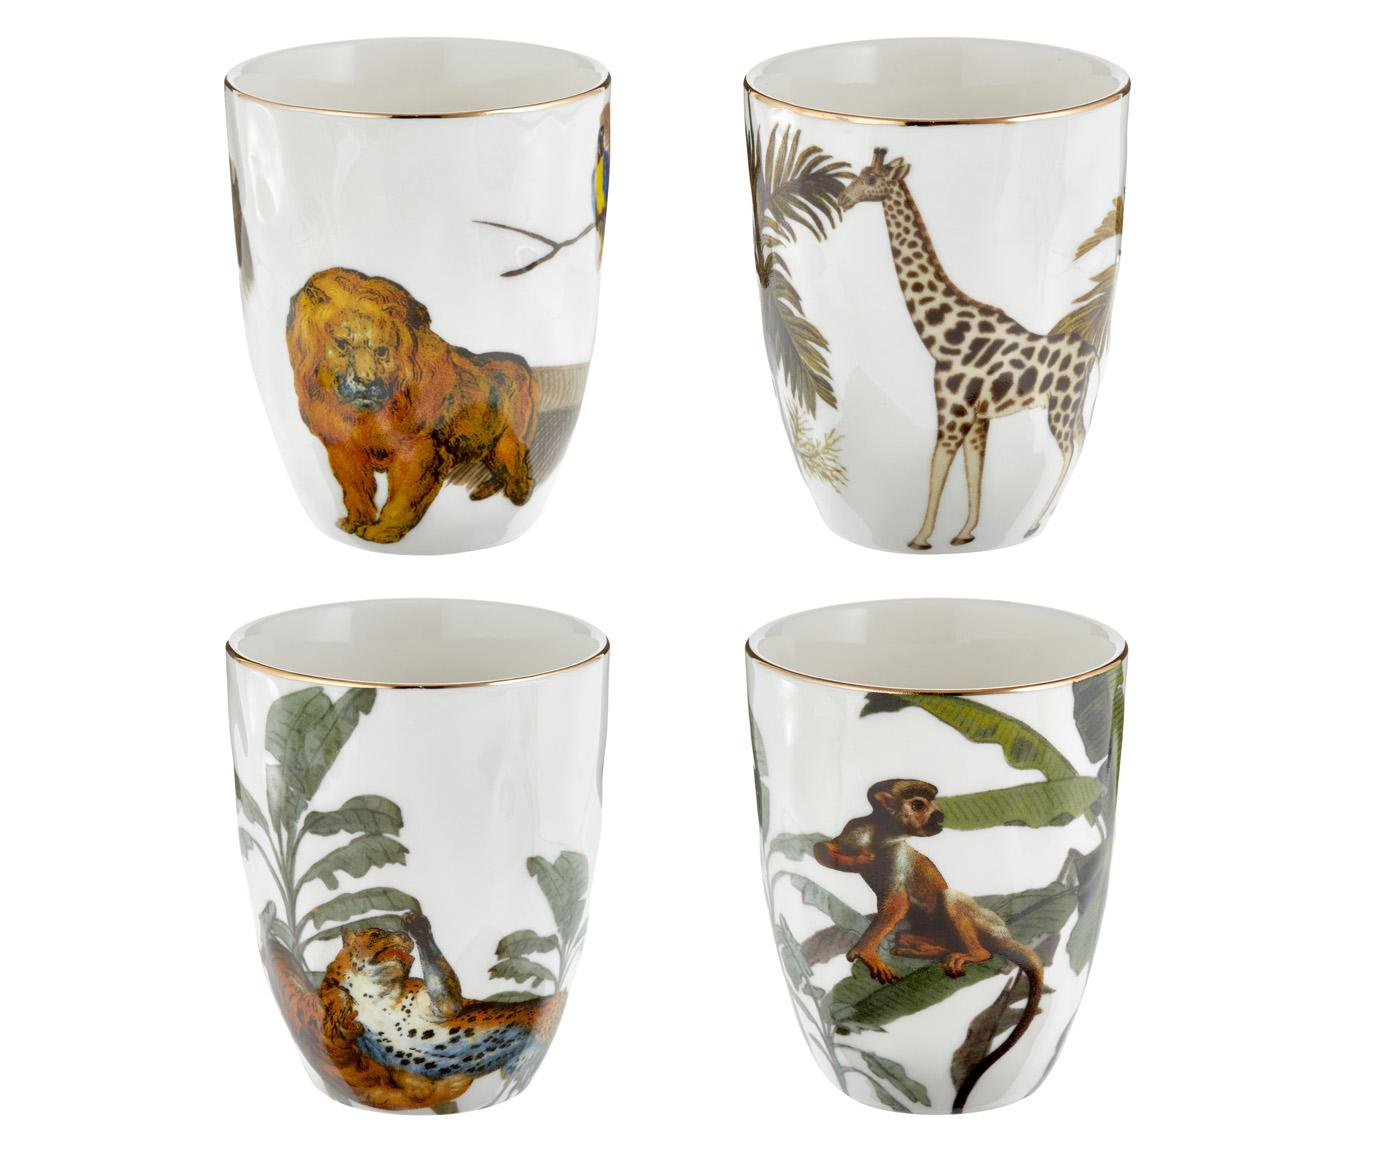 Set de tazas Animaux, 4pzas., Porcelana, Multicolor, Ø 8 x Al 10 cm